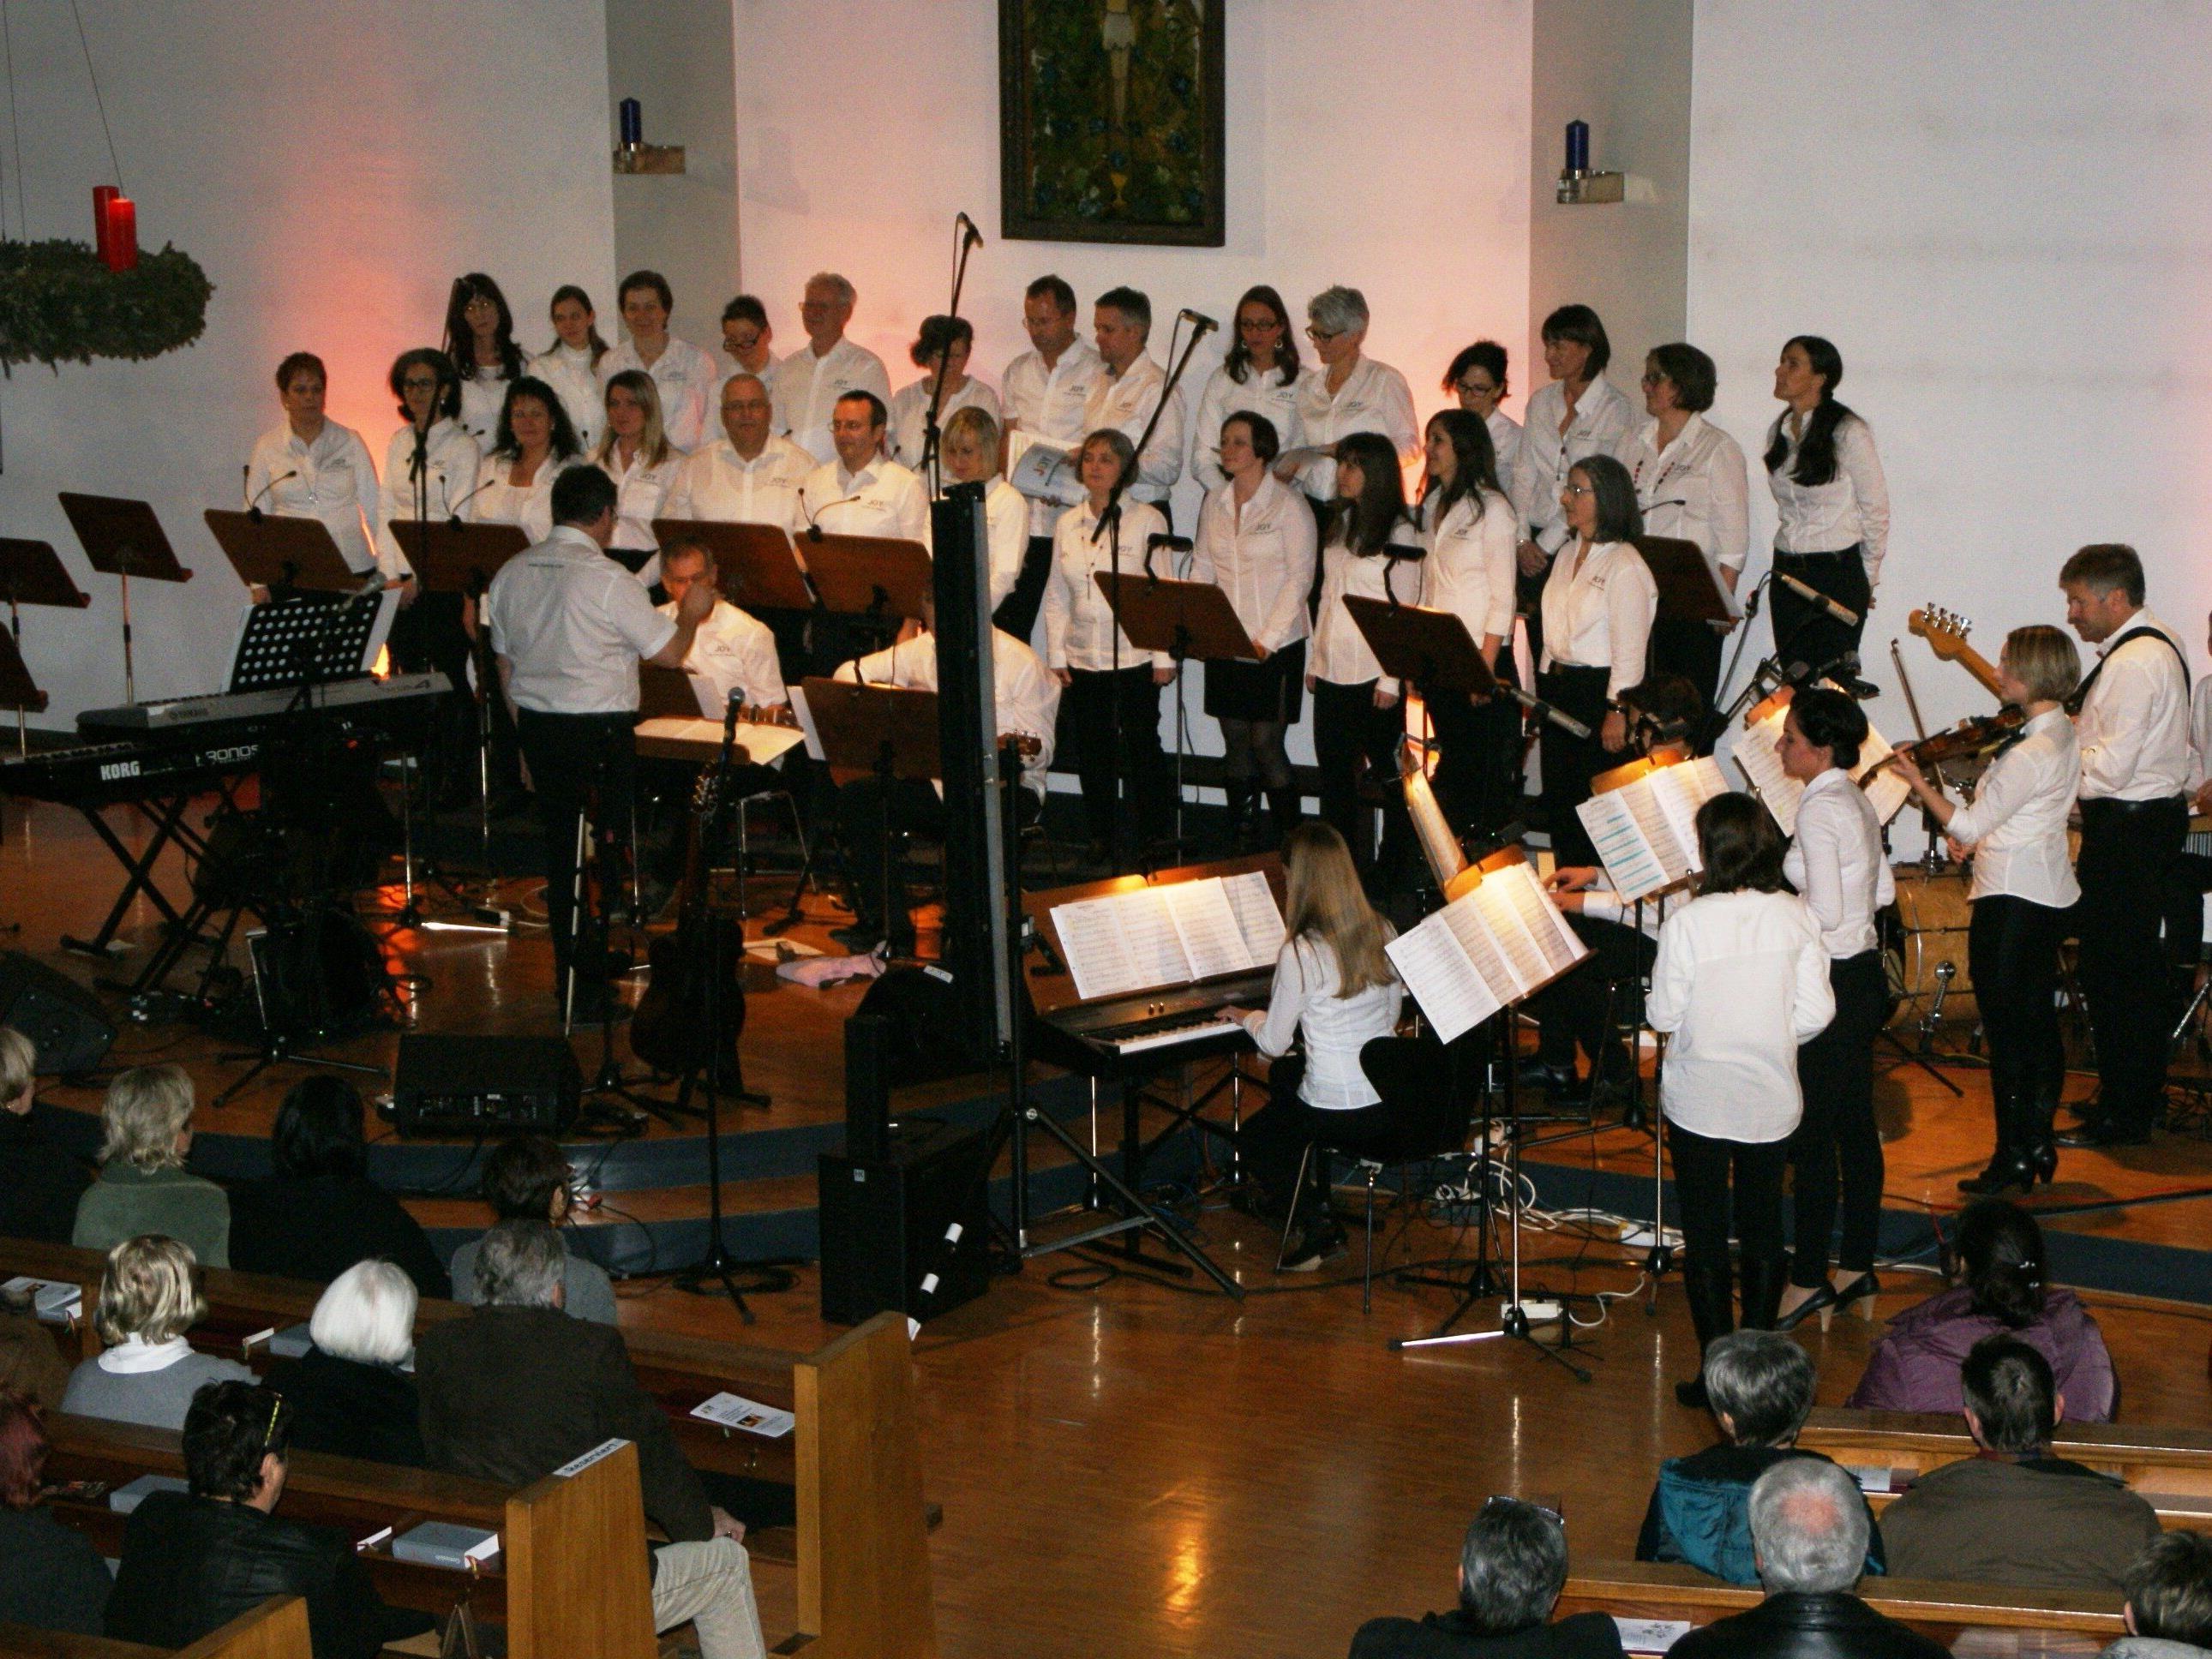 Chor Joy und Kathy Kelly sangen in der Pfarrkirche Altach.